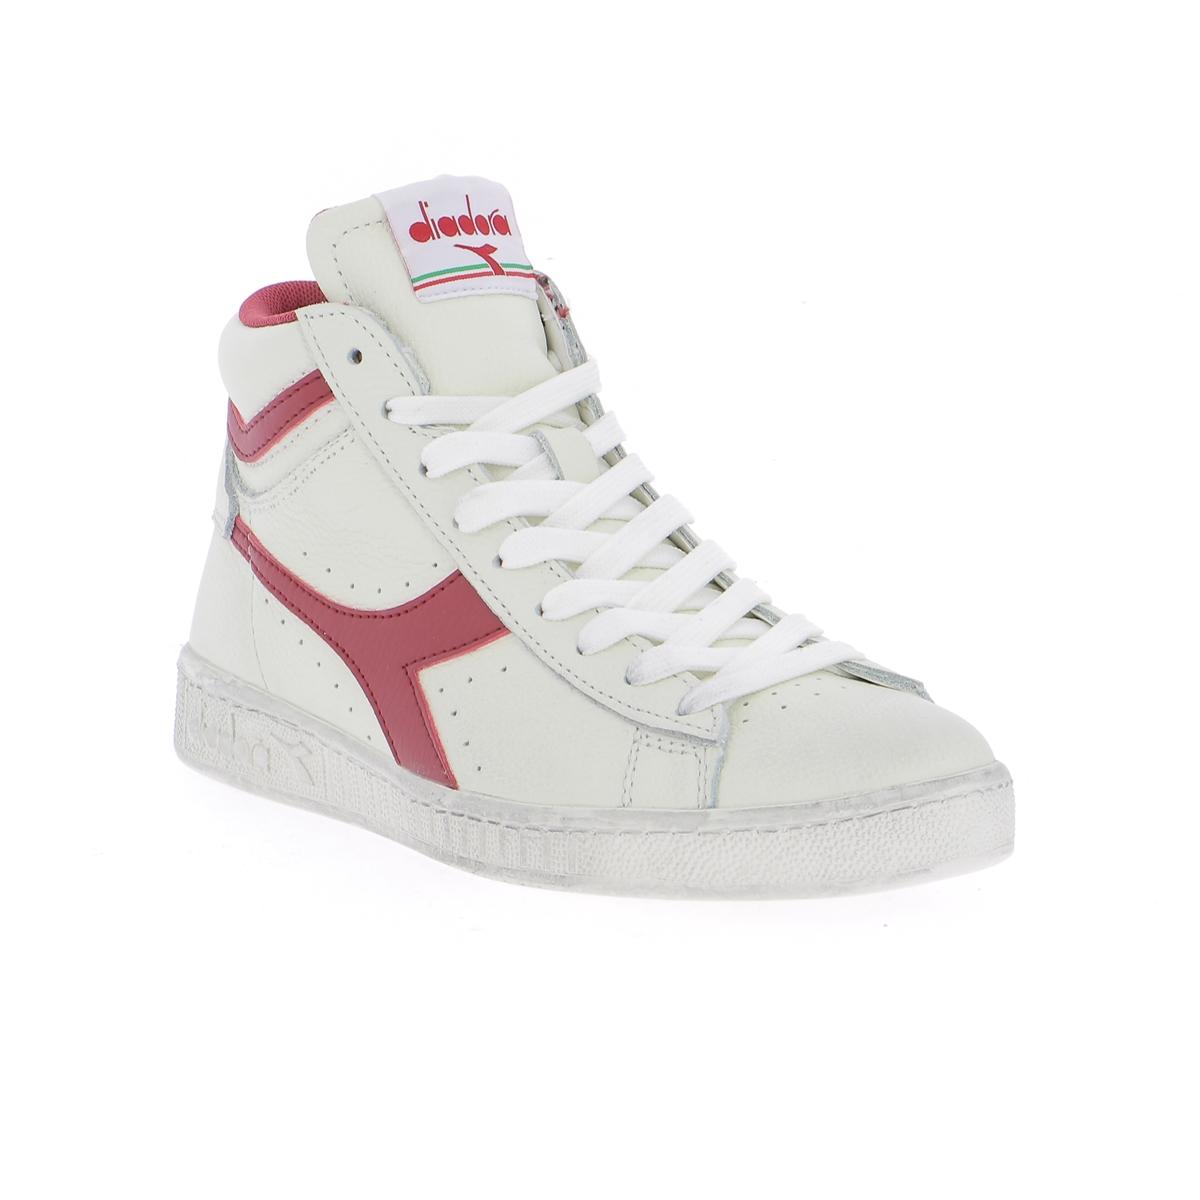 Diadora Sneakers rood